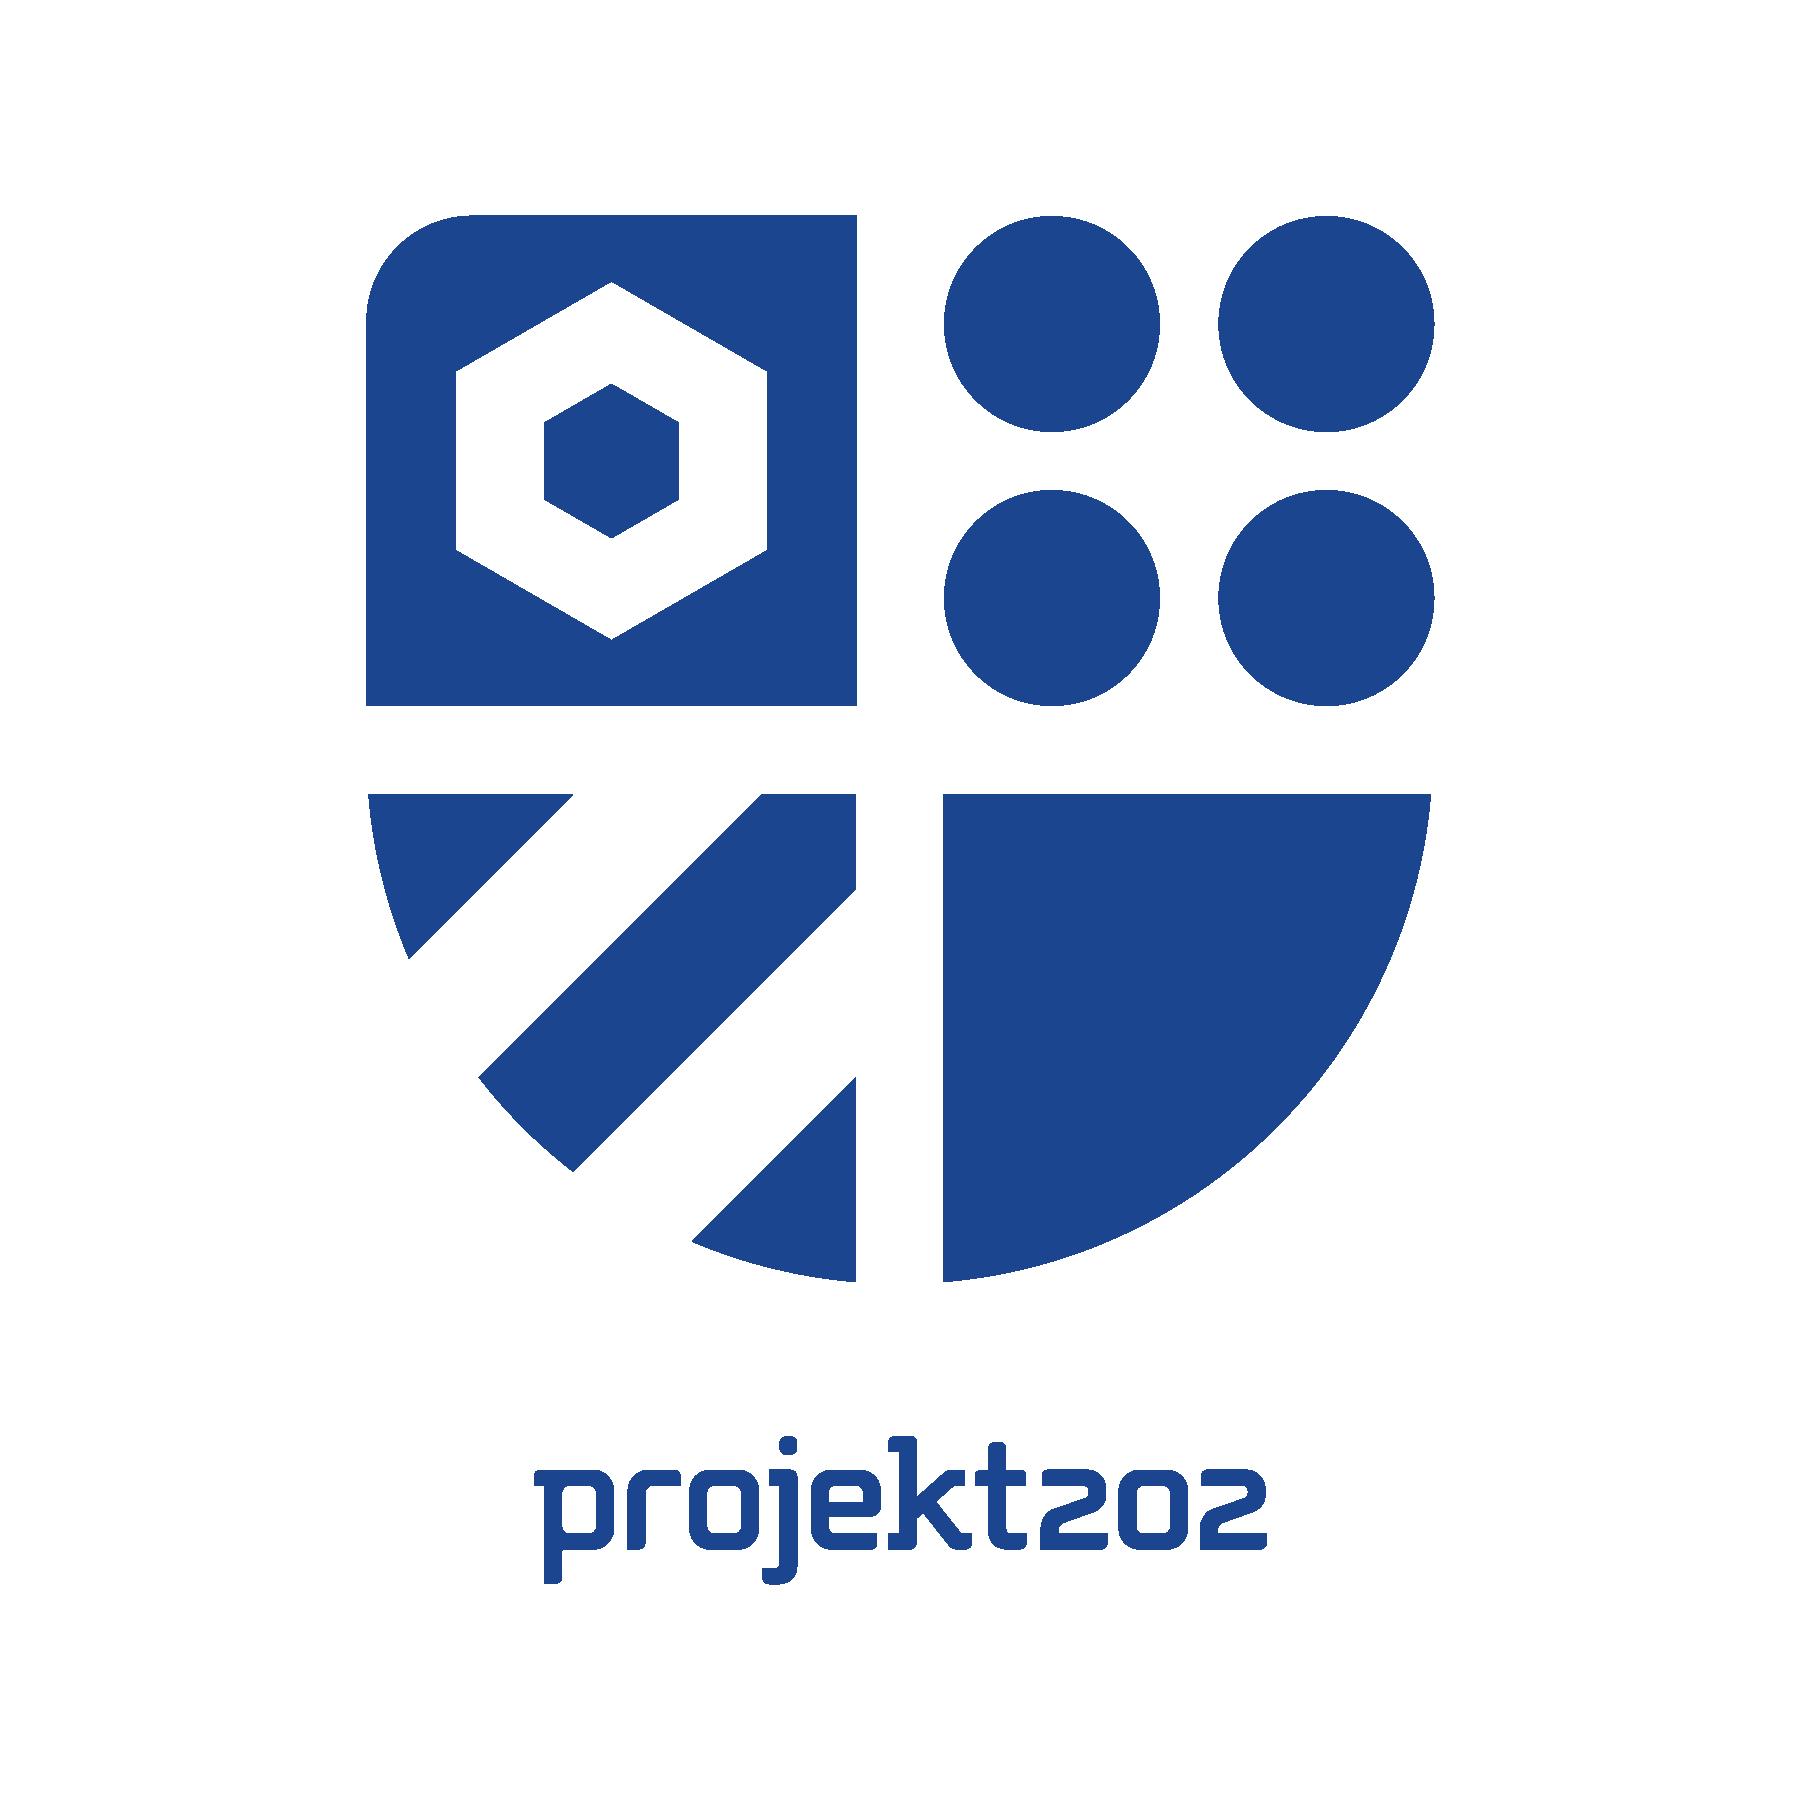 u202-Logo-02.png